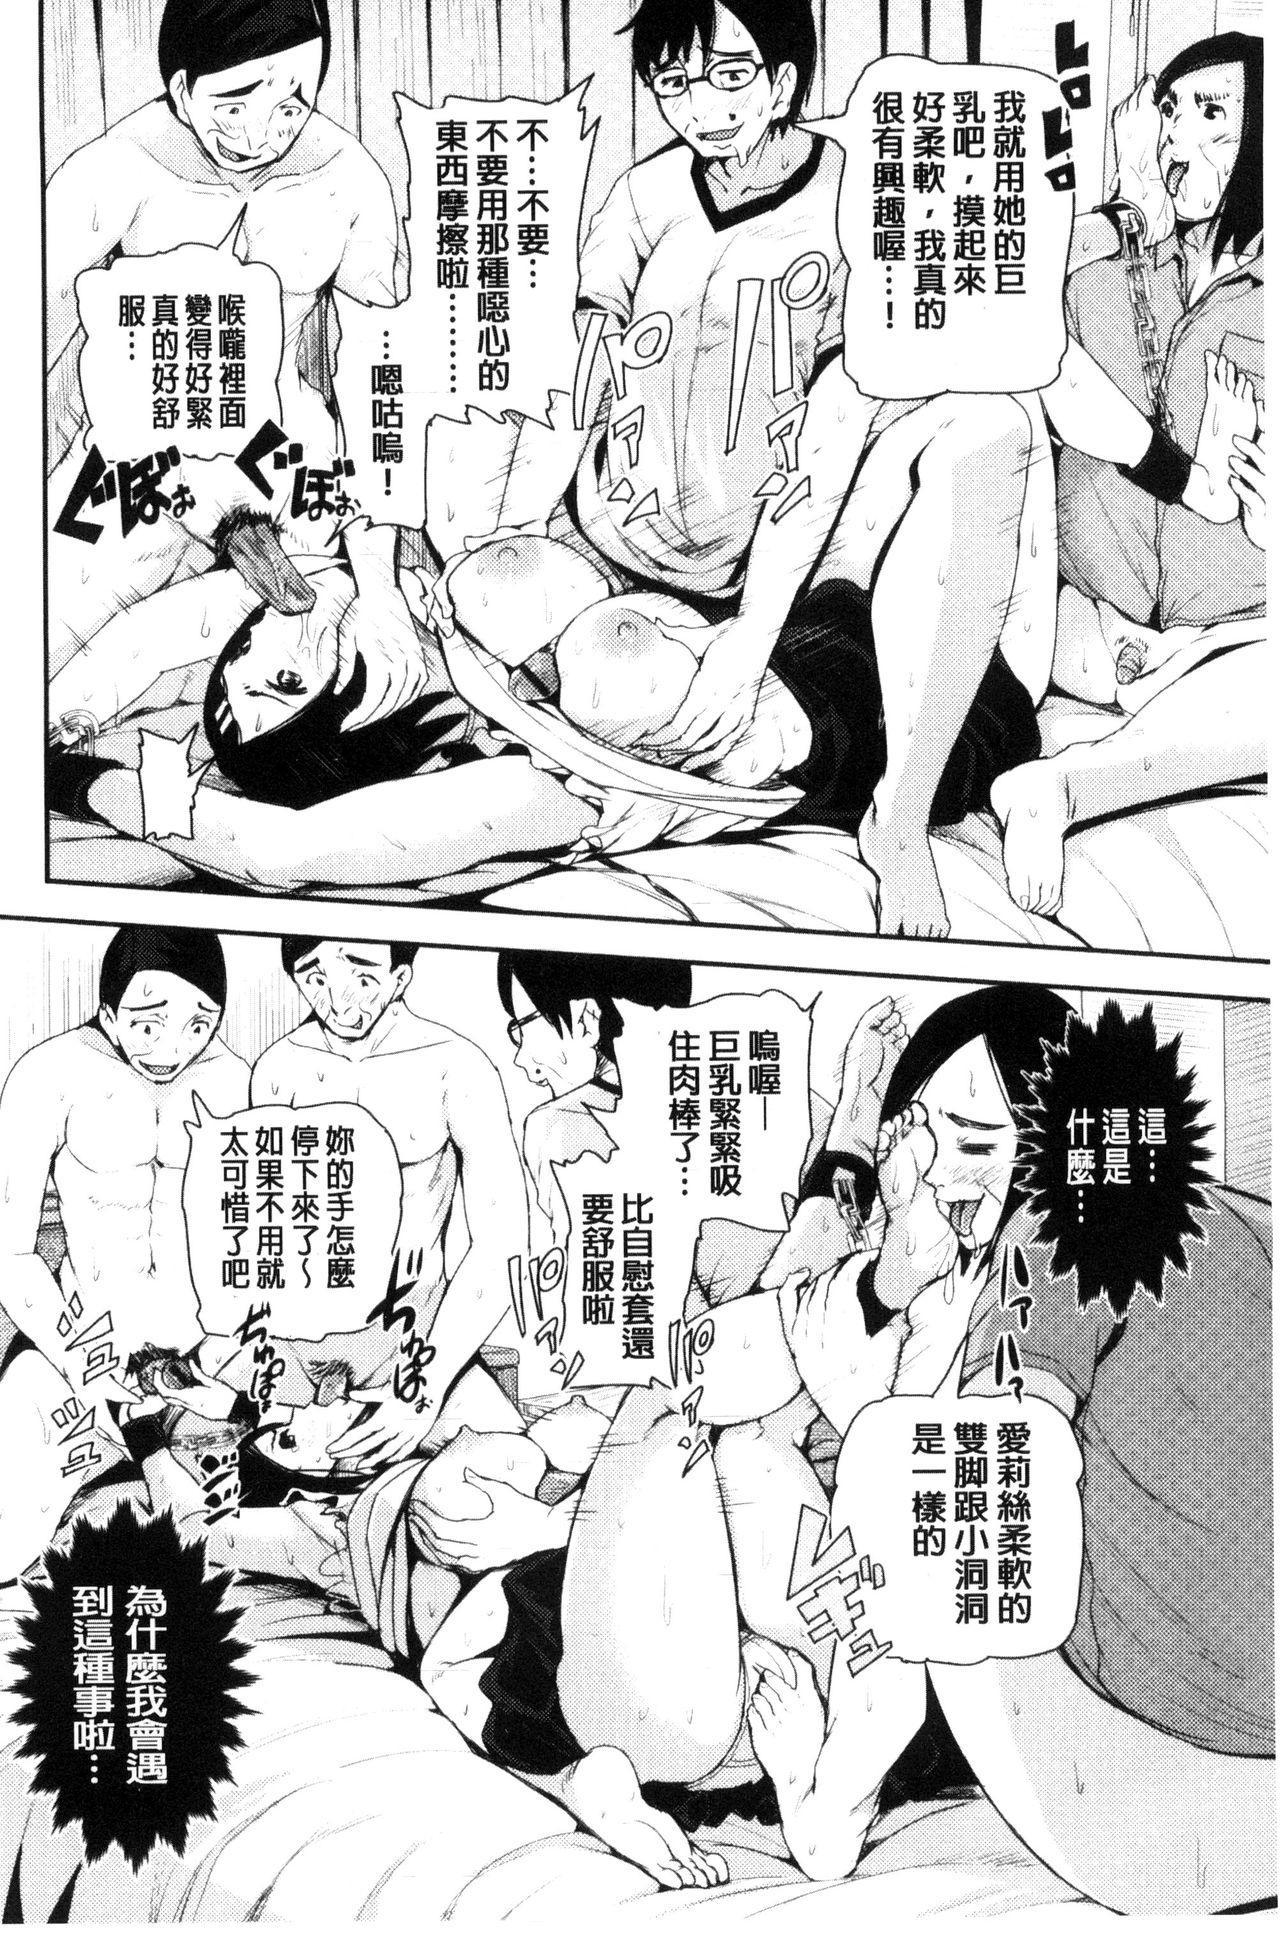 R18 Hatsuiku Shoujo 79